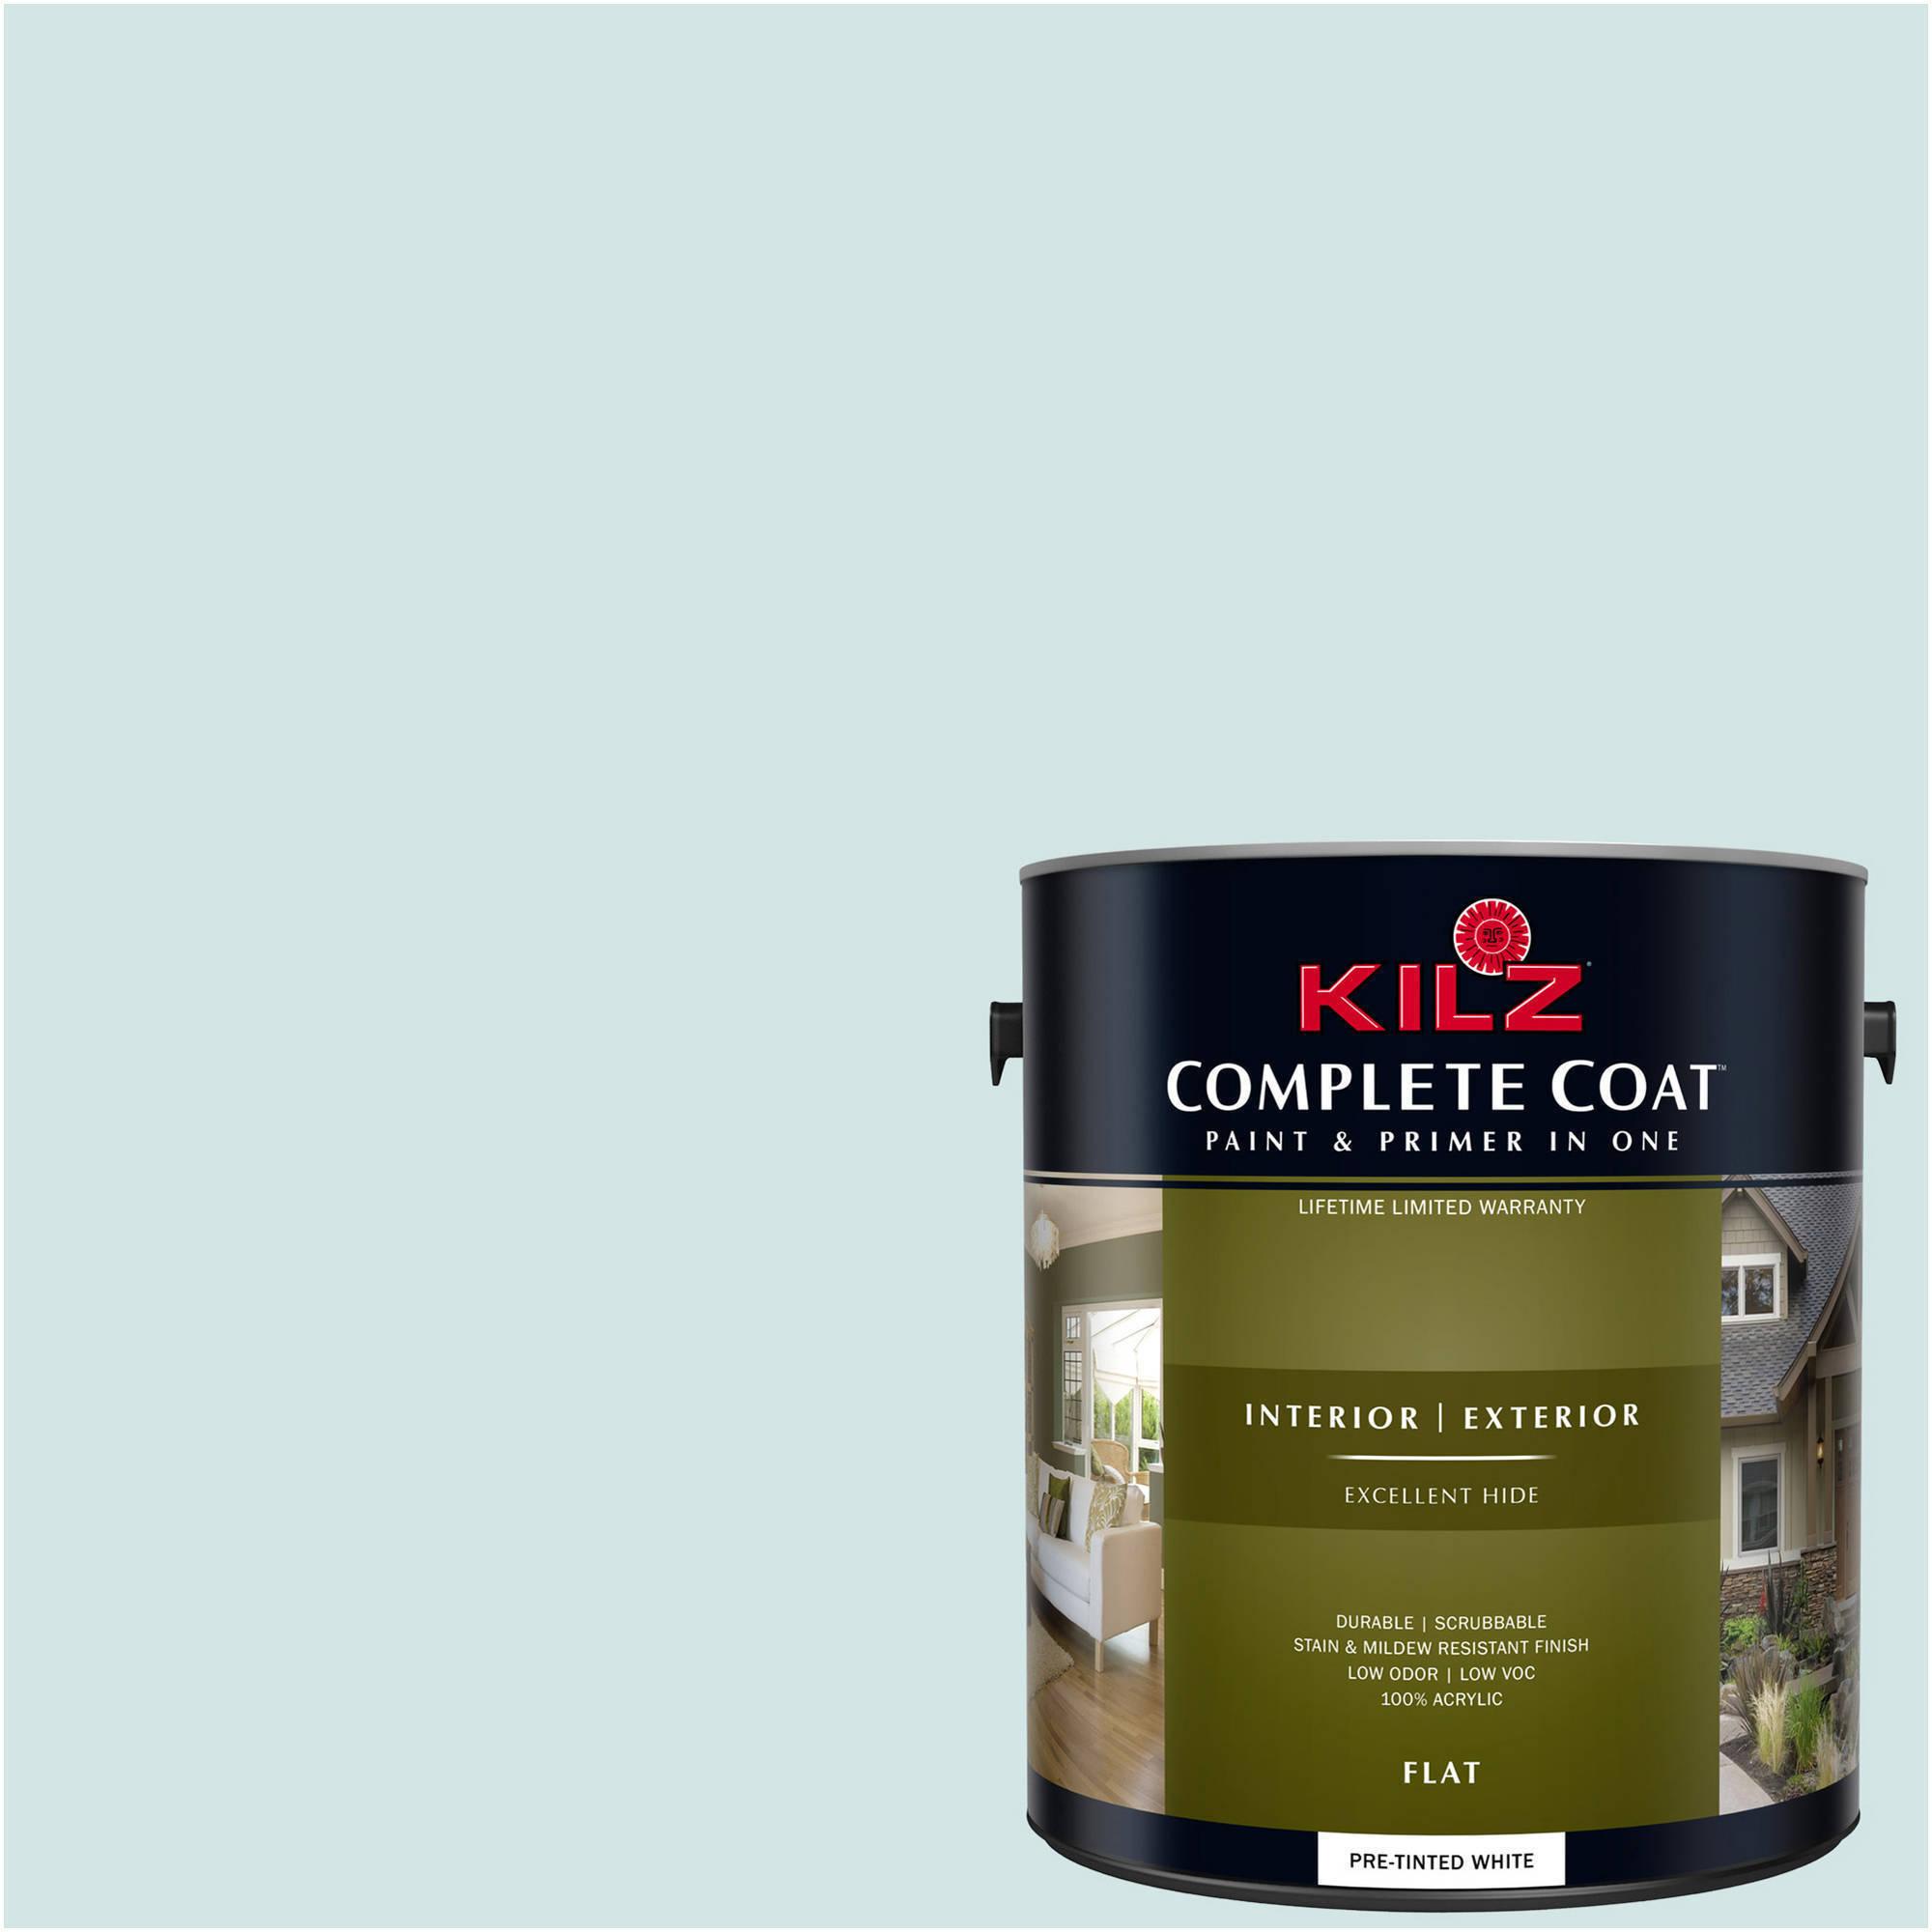 KILZ COMPLETE COAT Interior/Exterior Paint & Primer in One #RE210-01 Aqua Ice